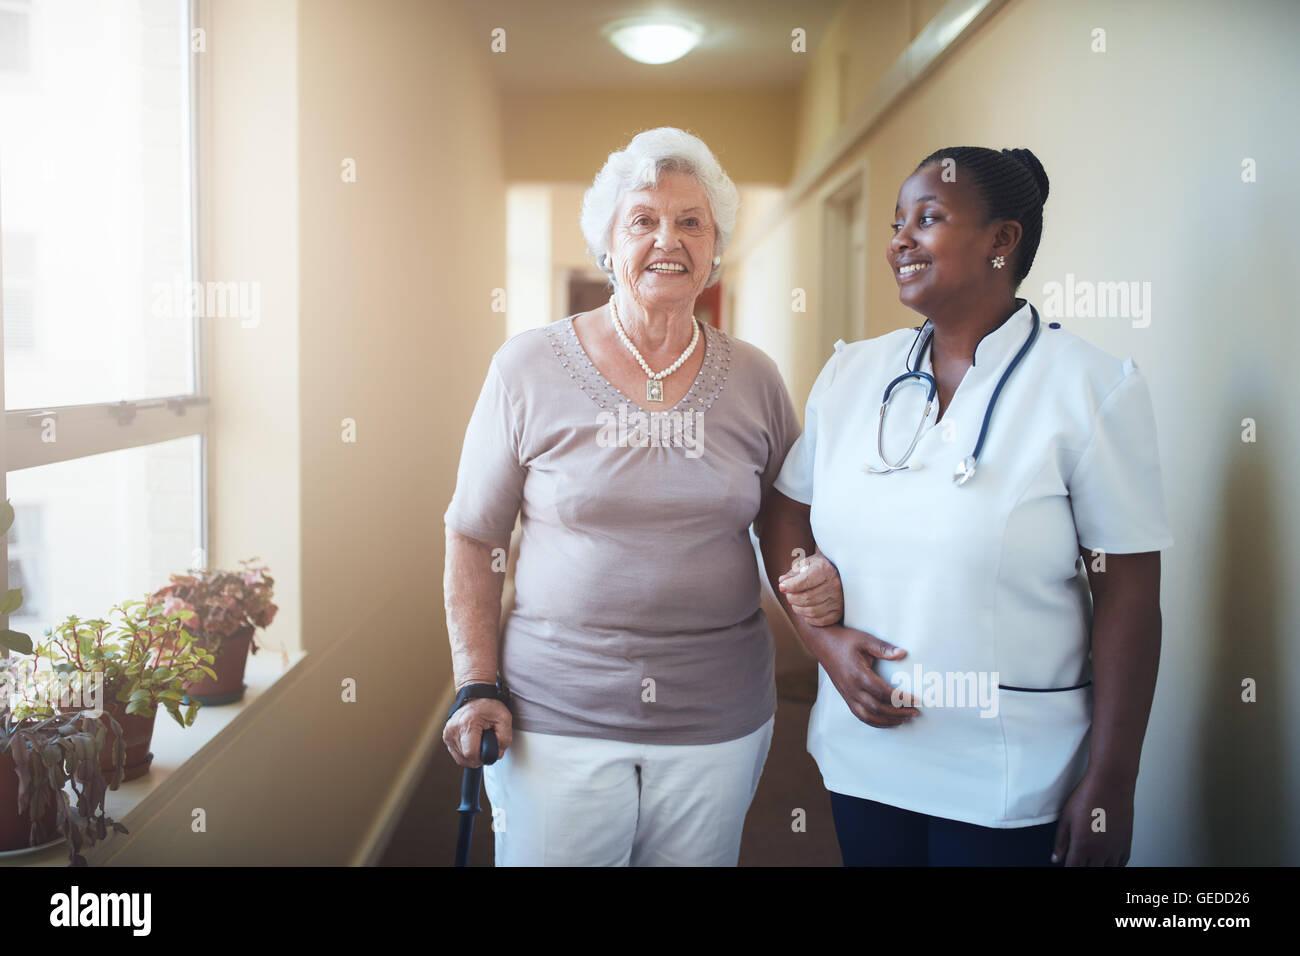 Felice lavoratore del settore sanitario e senior donna insieme presso la casa di cura. La cura medico donna assistere Immagini Stock